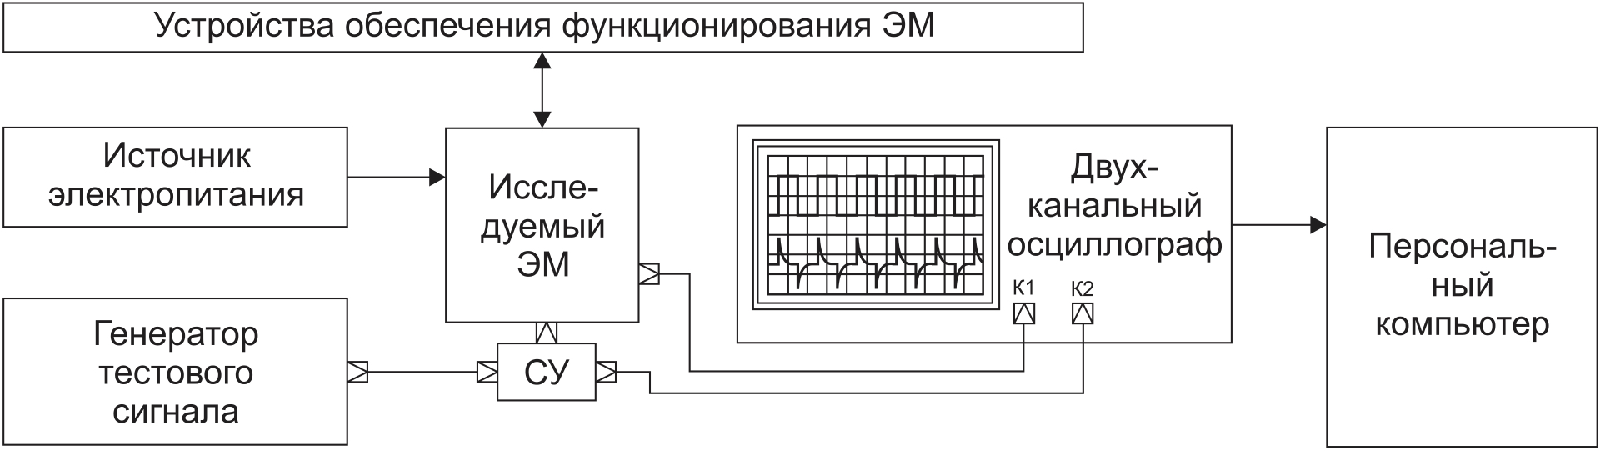 Типовая схема измерений ДХ ЭМ